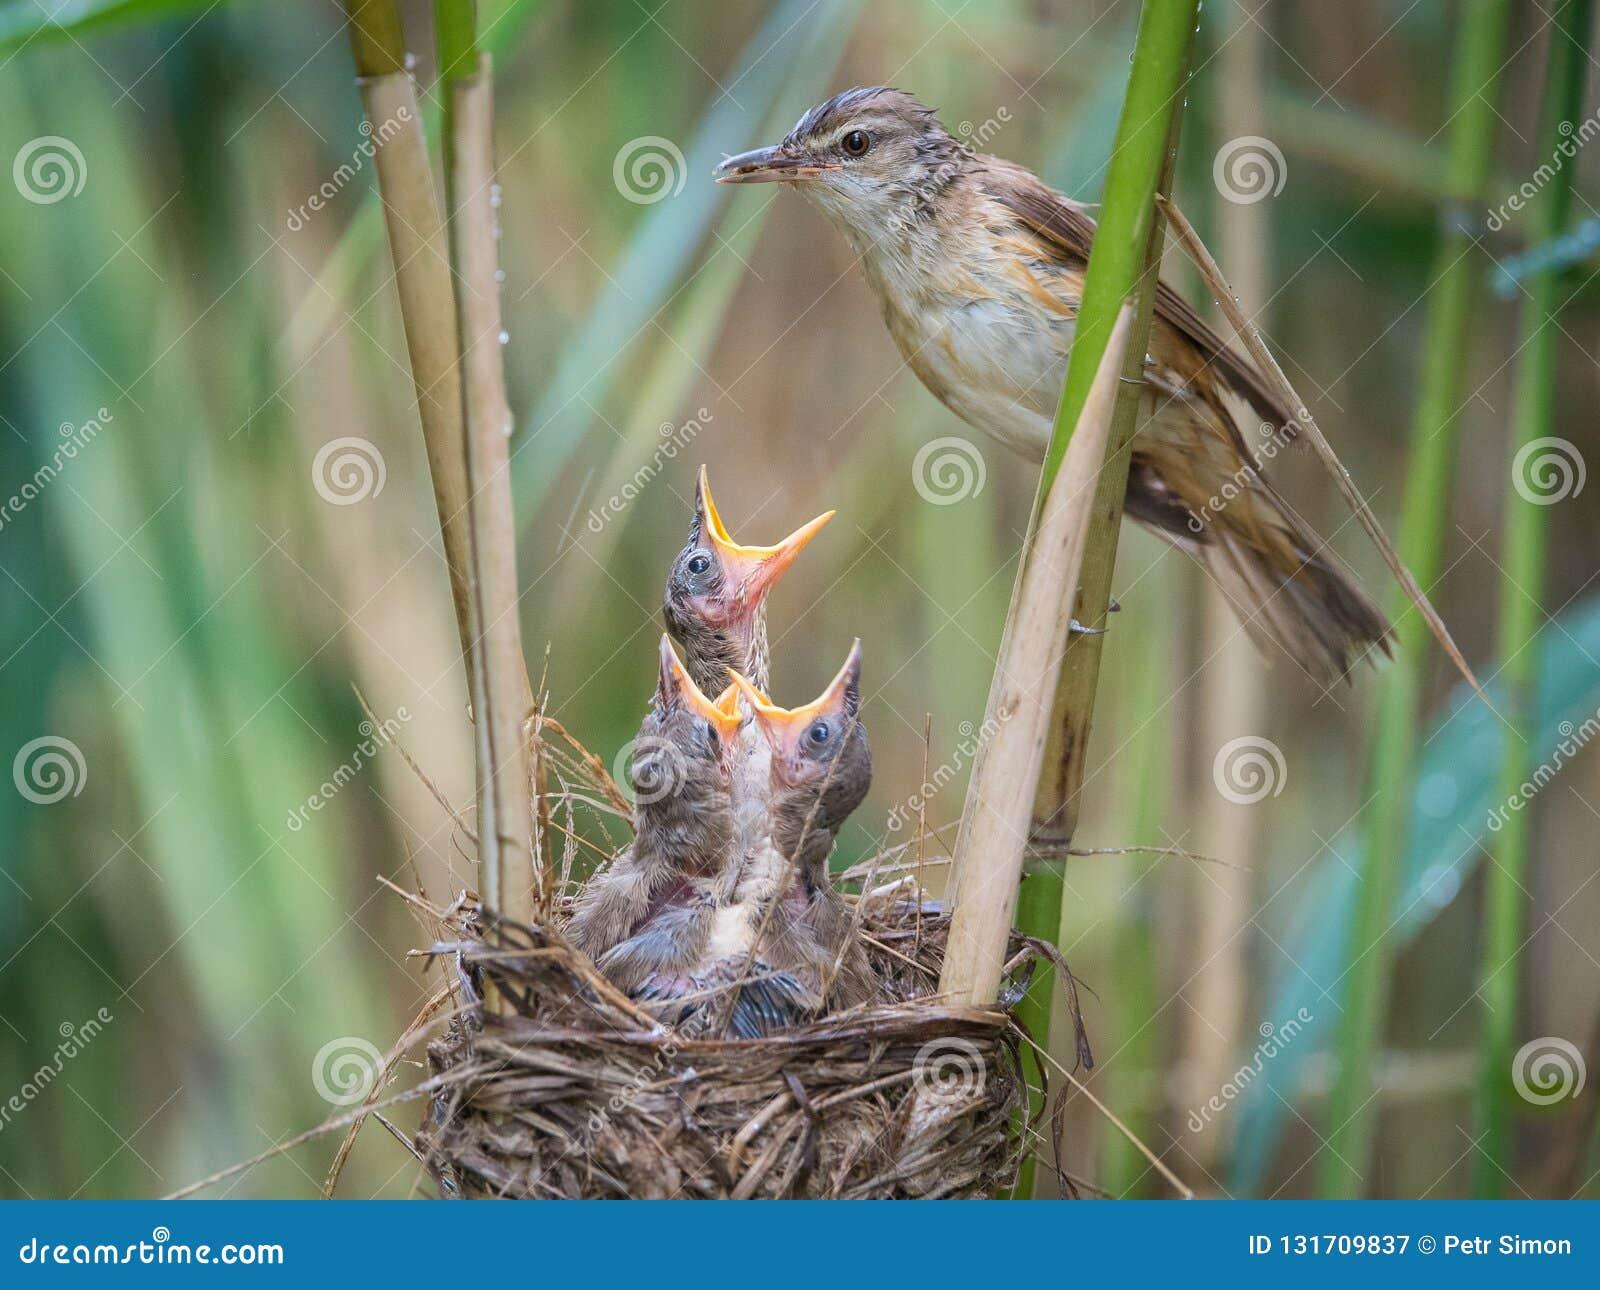 Den stora Reed Warbler, Acrocephalusarundinaceus matar dess fågelungar inom vasserna, där är starkt regn Unga fåglar har